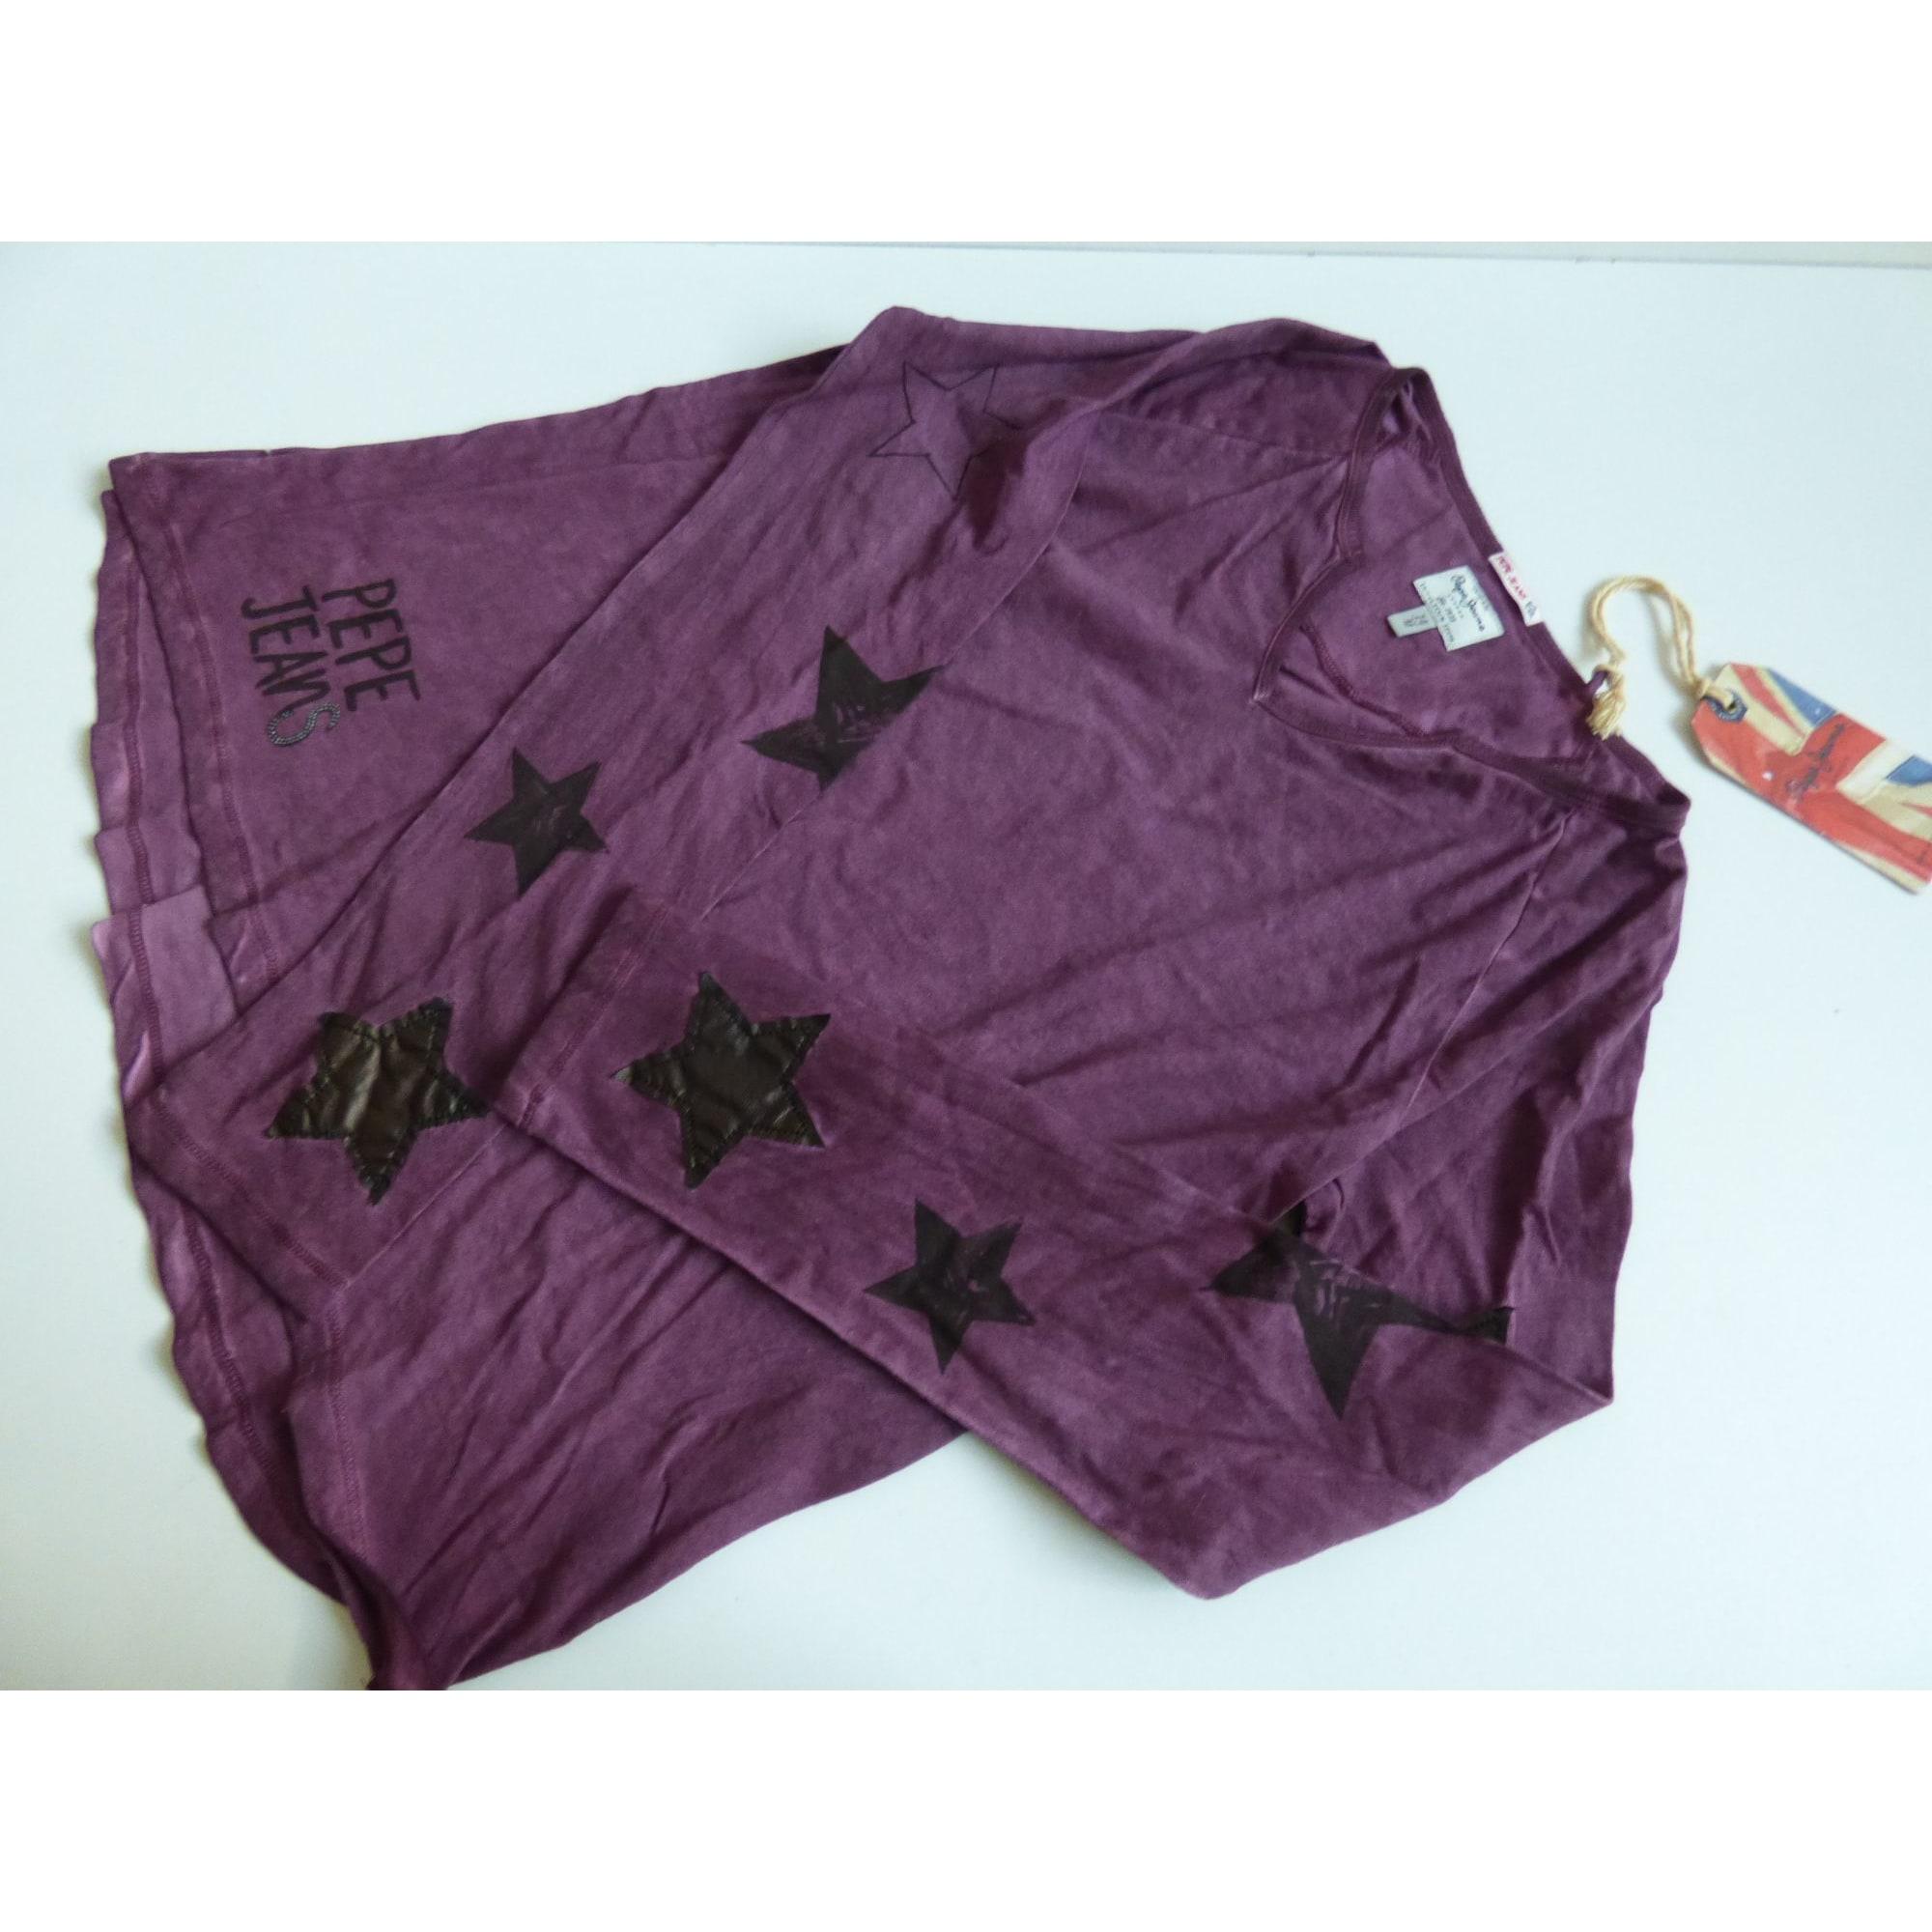 Tee-shirt PEPE JEANS Violet, mauve, lavande